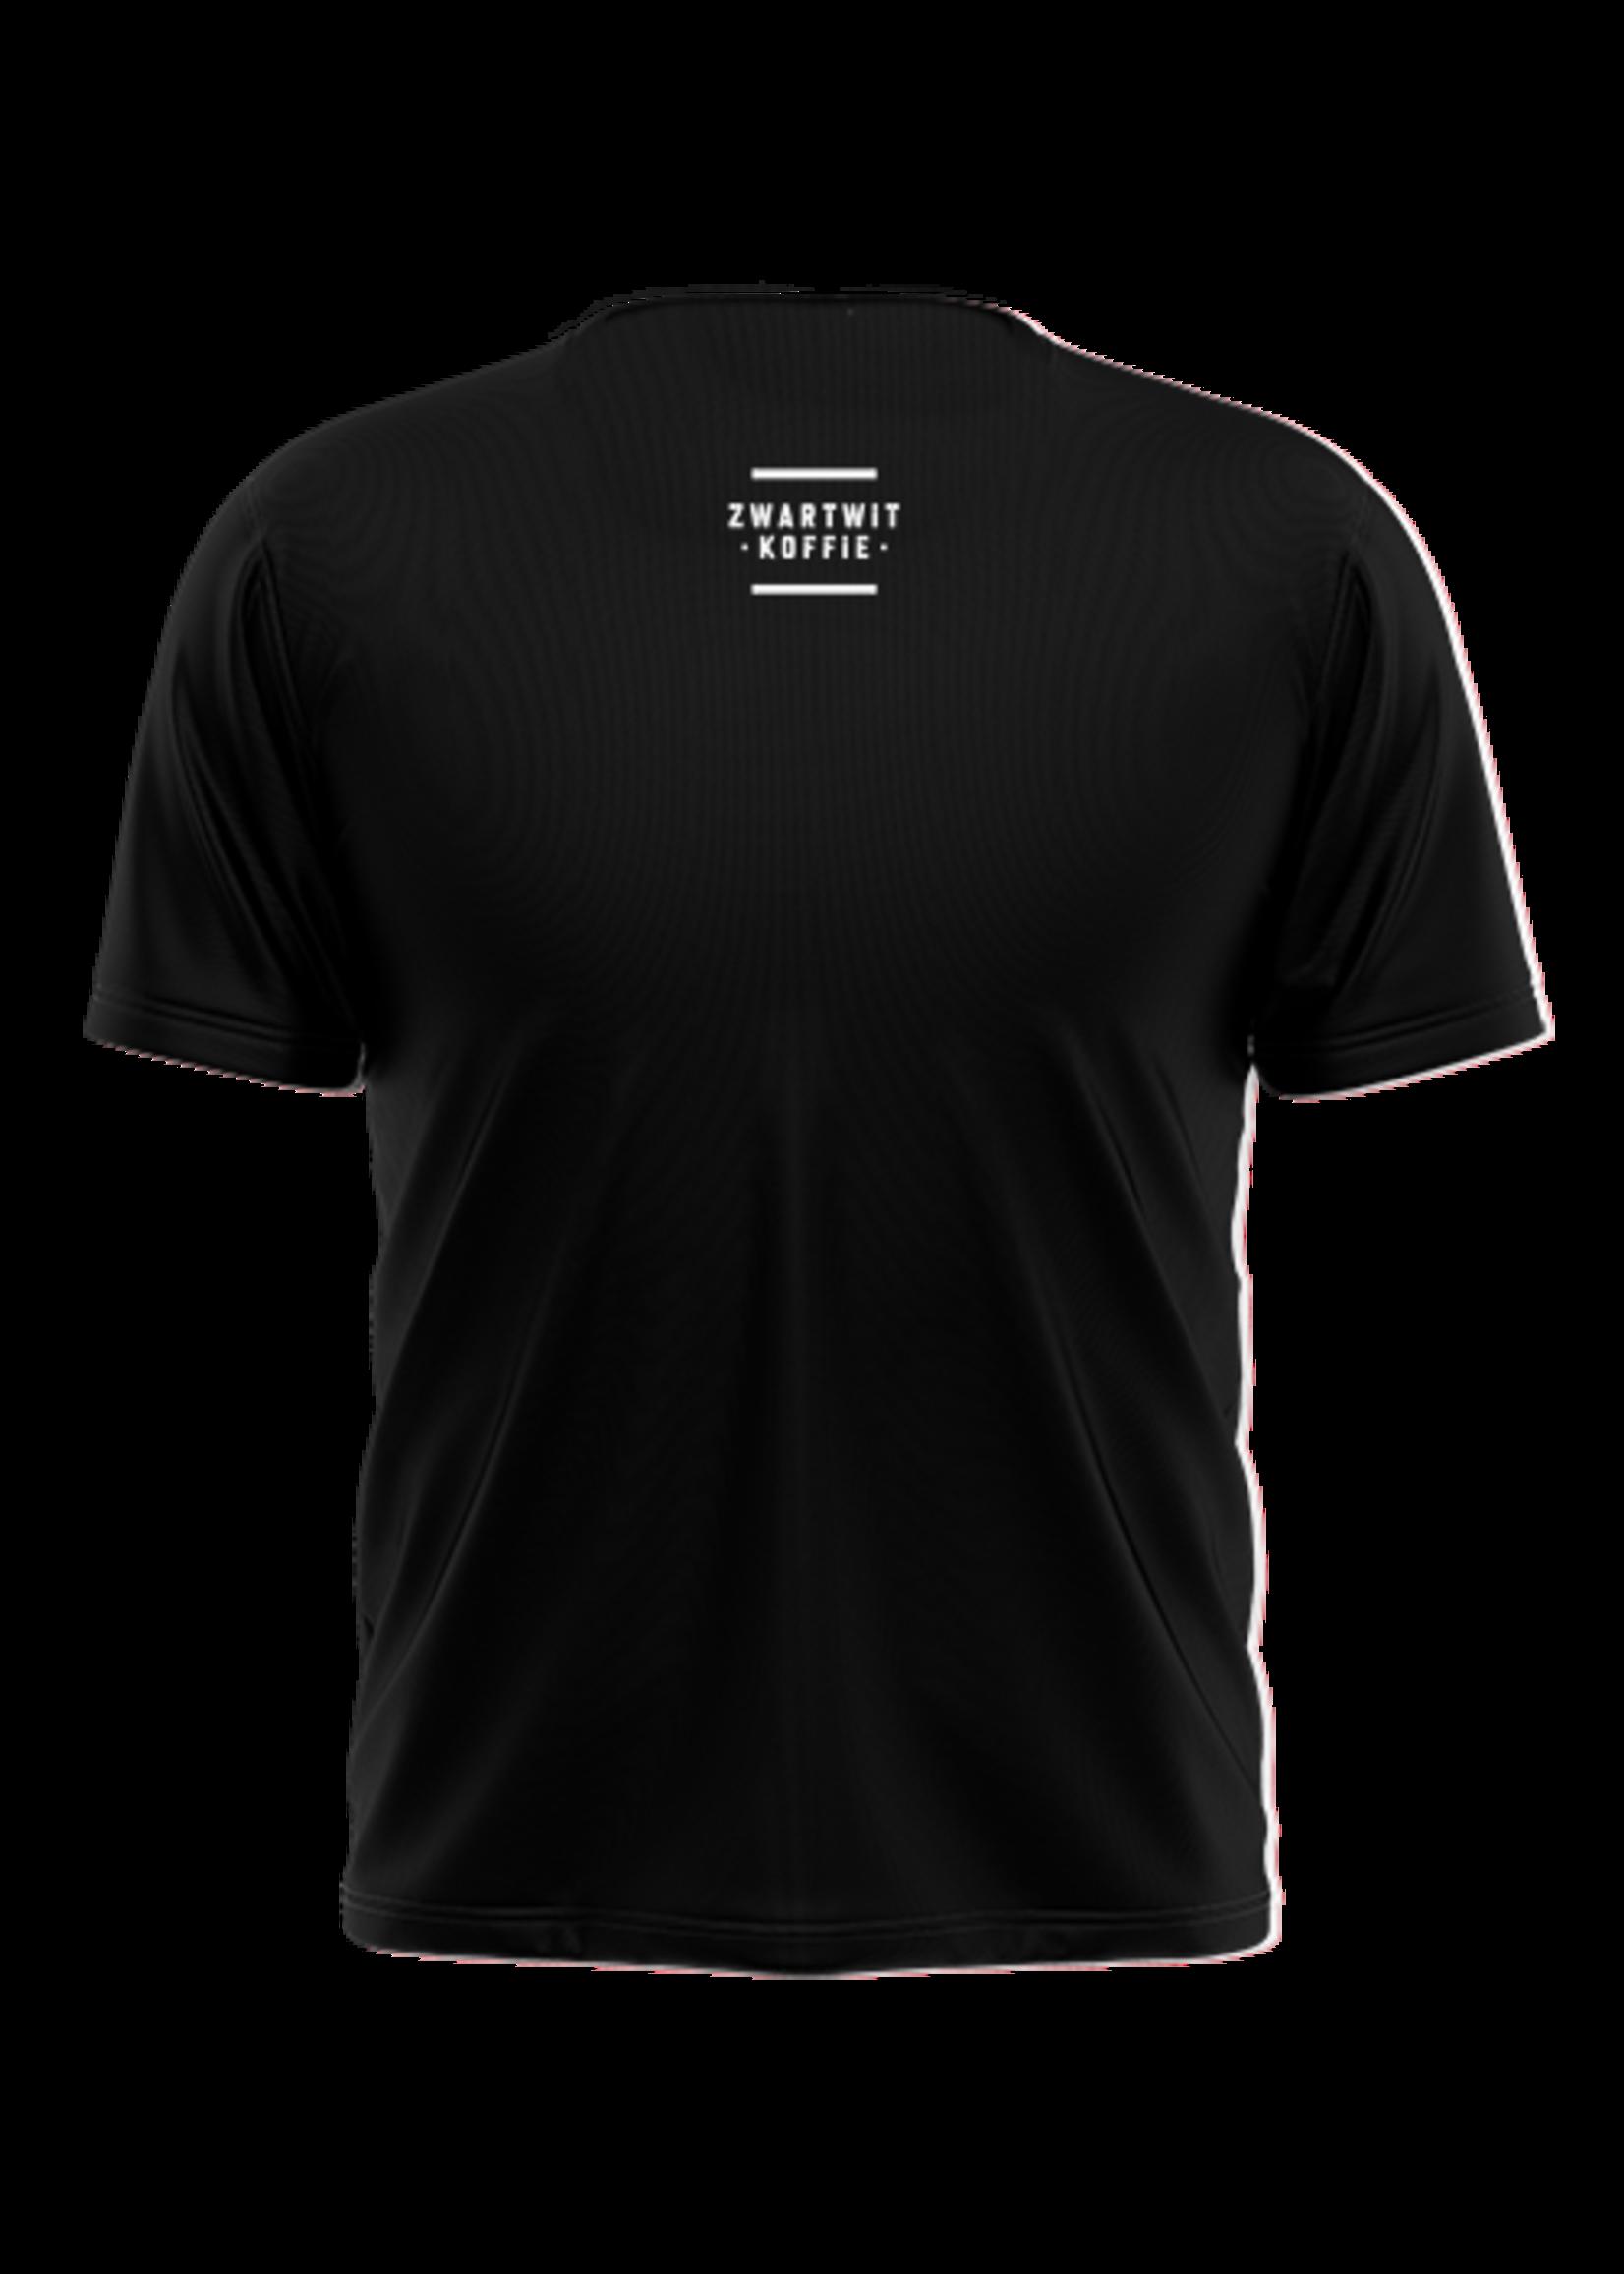 Rebel & Dutch ZwartWit T-shirt red white